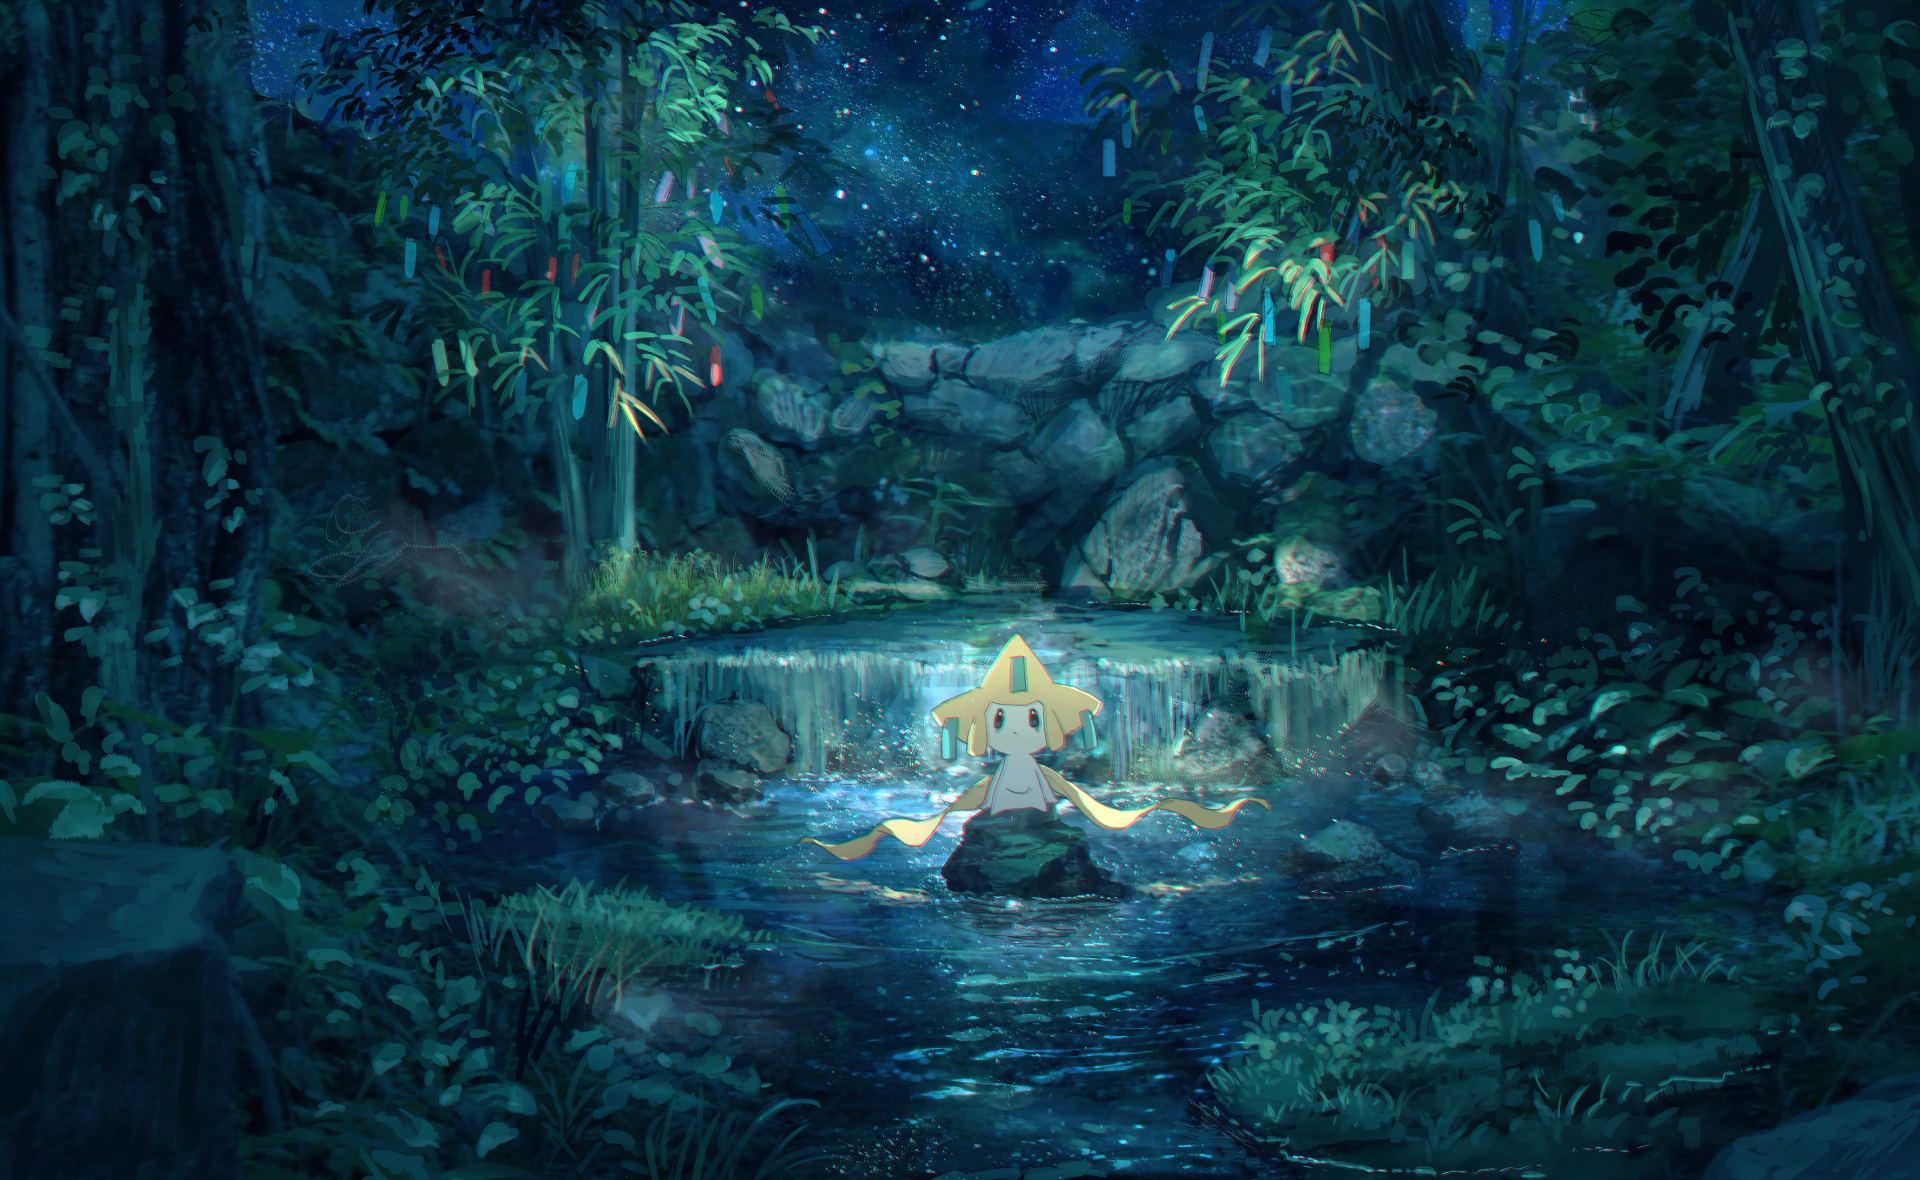 Anime - Pokémon  Jirachi (Pokémon) Wallpaper